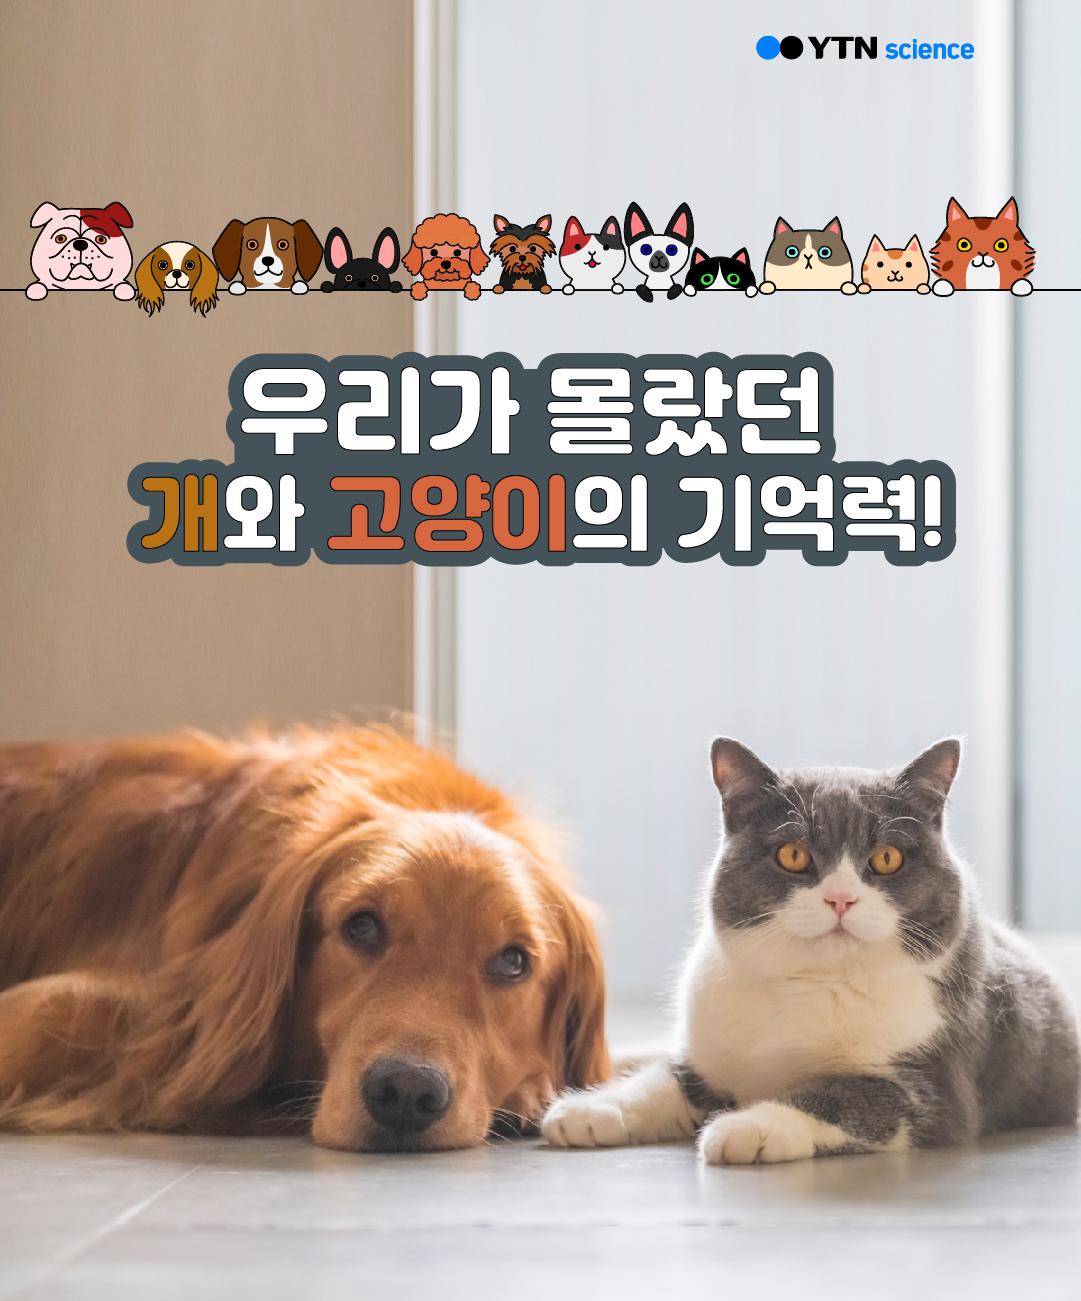 우리가 몰랐던 개와 고양이의 기억력! 이미지